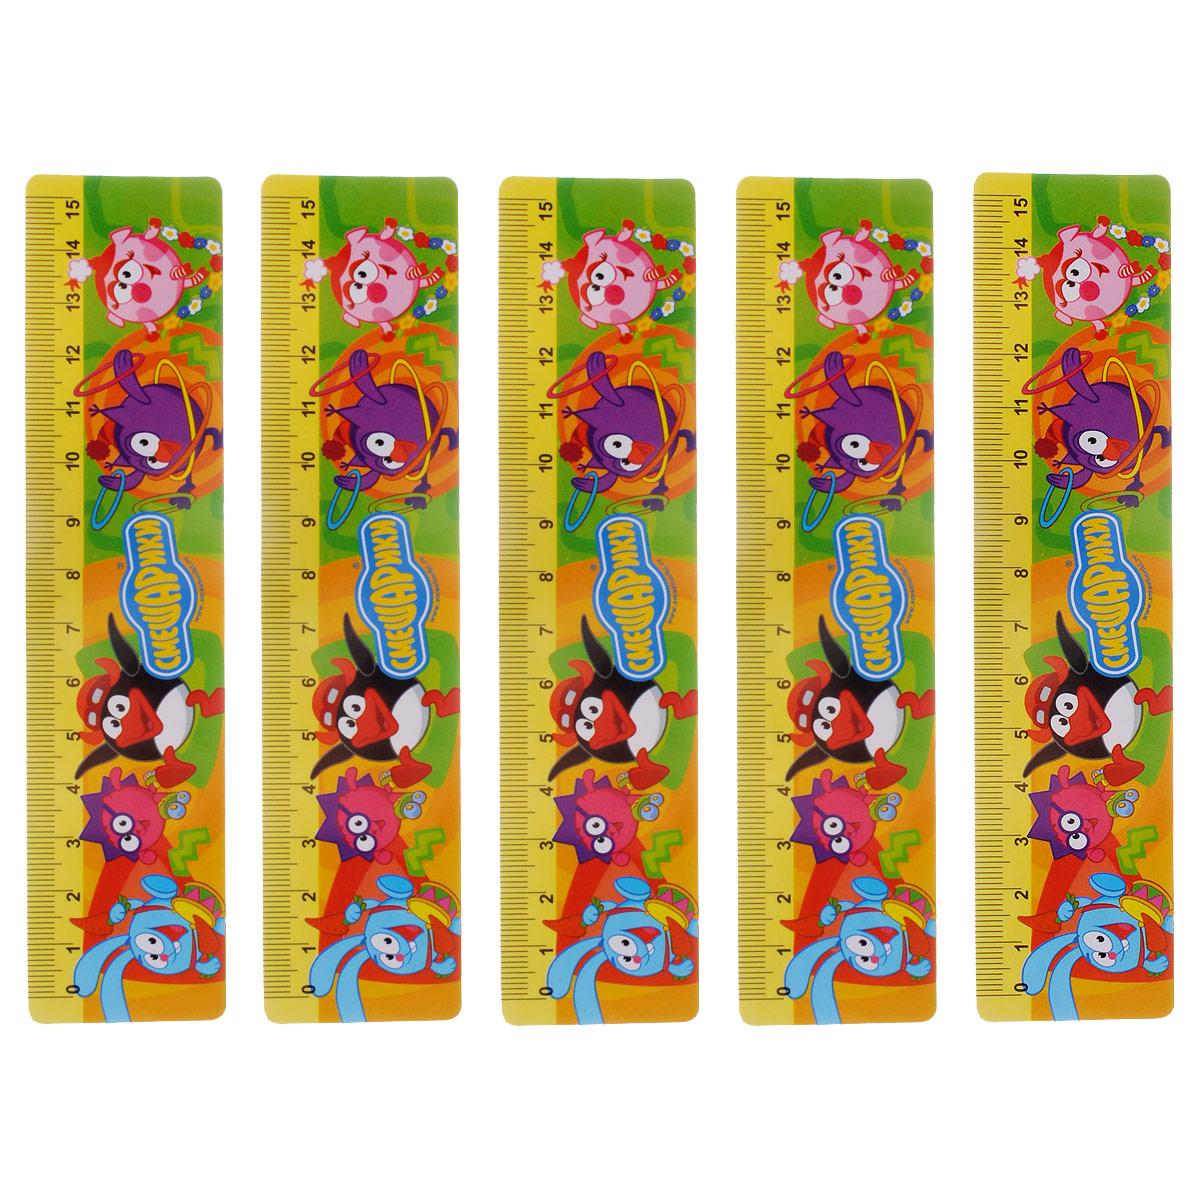 Линейка Centrum Смешарики, 15 см, цвет: желтый, 5 шт84700ОЛинейка Смешарики выполнена из прочного пластика и оформлена изображениями всеми любимых героев мультфильма Смешарики. Линейка имеет сантиметровую шкалу до 15 см. Цифры нанесены крупным шрифтом и не вызывают затруднений при чтении. В комплект входят 5 линеек. Линейка - это незаменимый атрибут, необходимый каждому школьнику или студенту, упрощающий измерение и обеспечивающий ровность проводимых линий. А с линейкой Смешарики учиться будет интересно и весело!